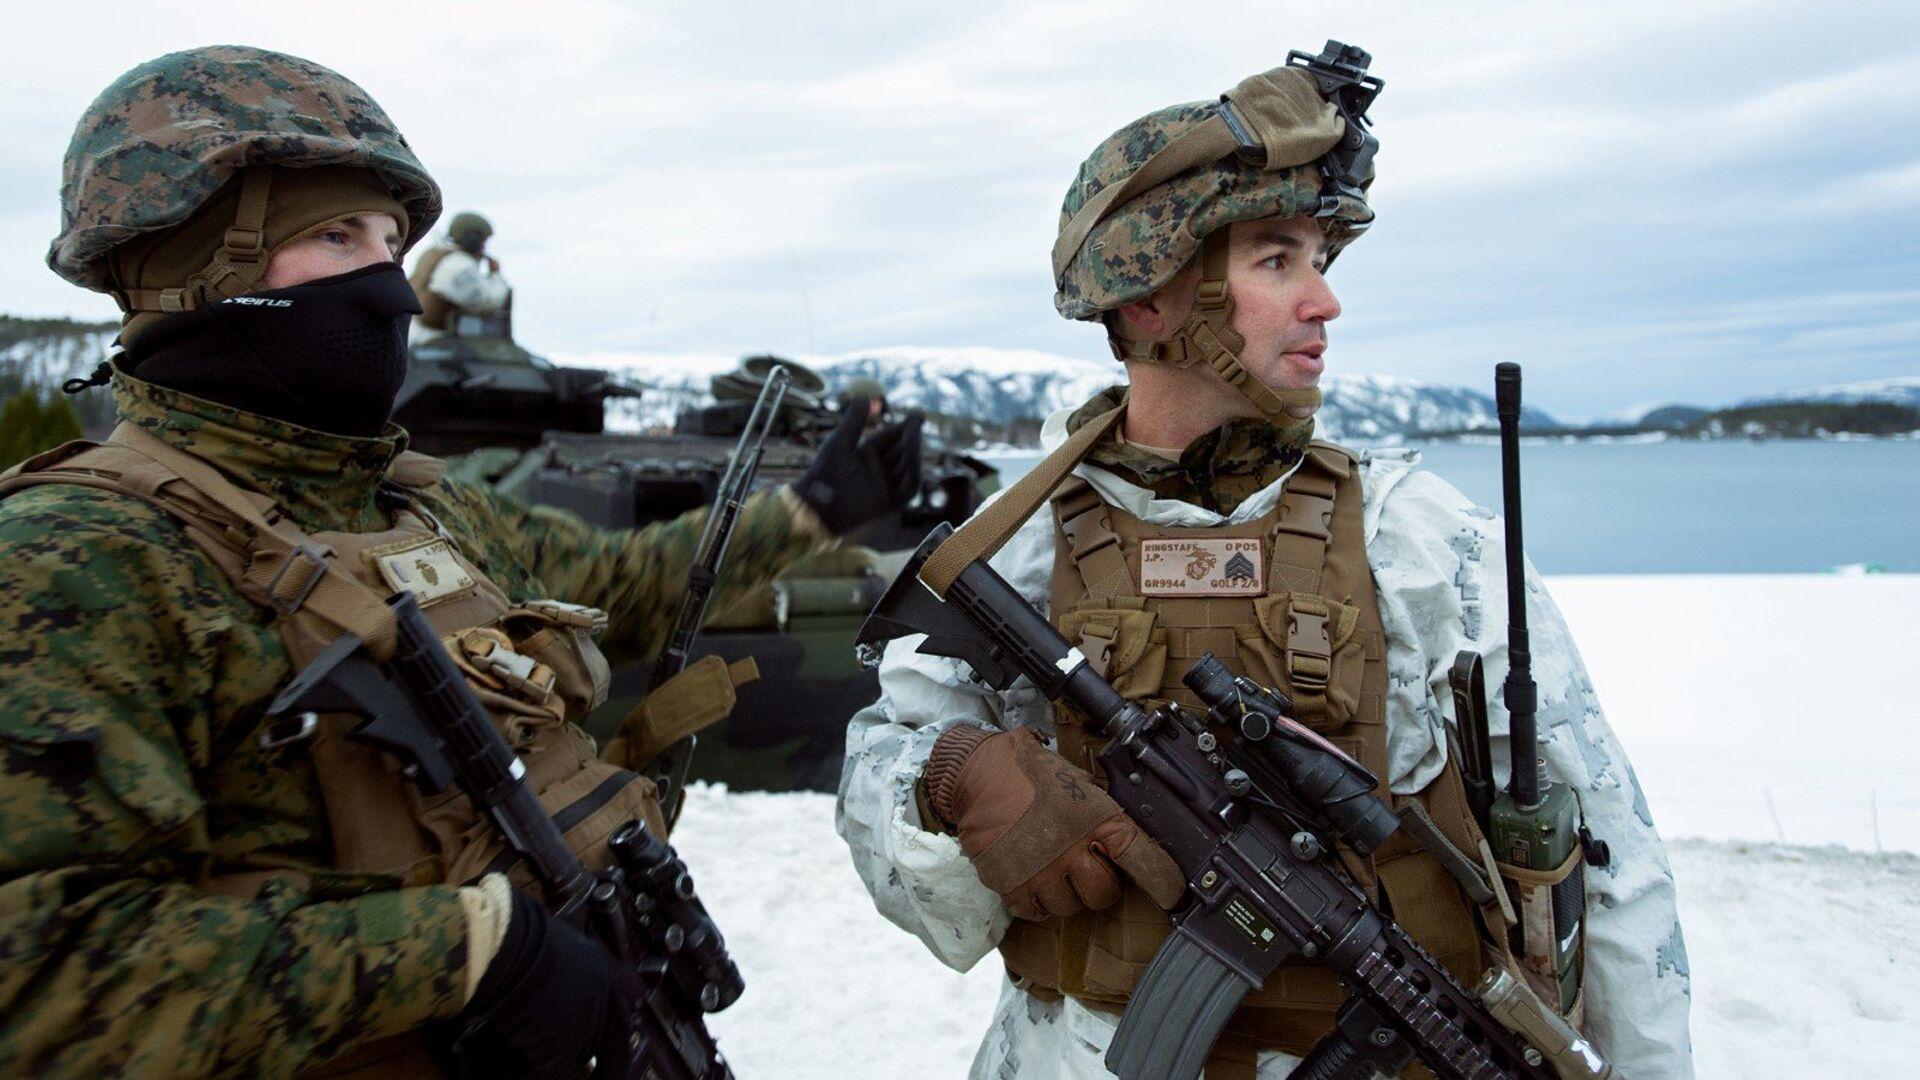 Американские морские пехотинцы во время учений Cold Response 2016 на военной базе Вернес в Норвегии - РИА Новости, 1920, 11.02.2021